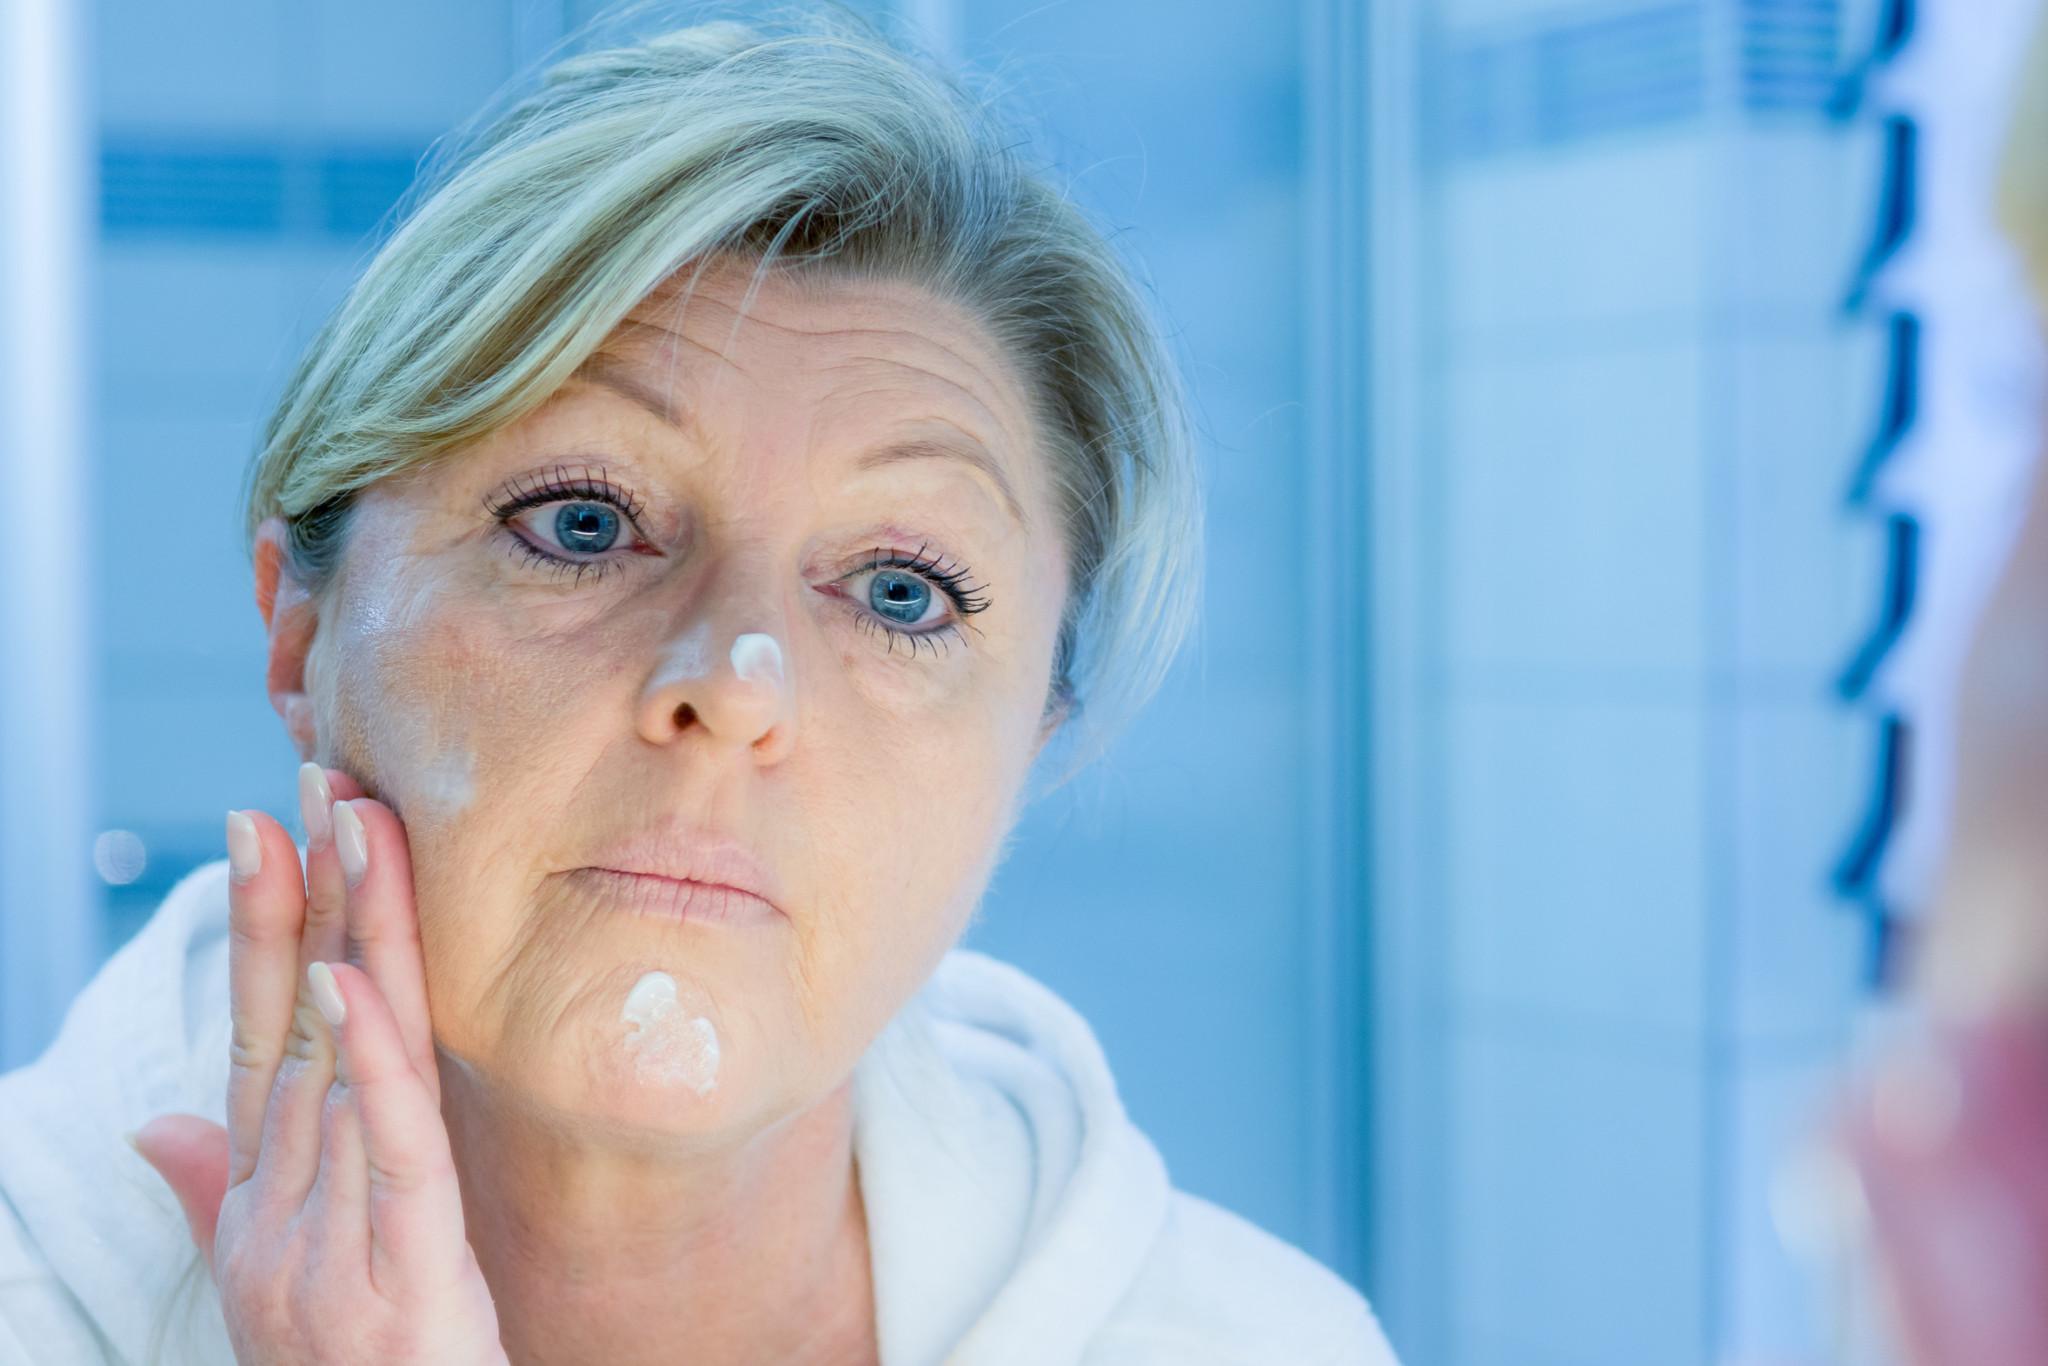 Gesichtspflege Ab 50 Die Richtige Basis Und Spezialpflege